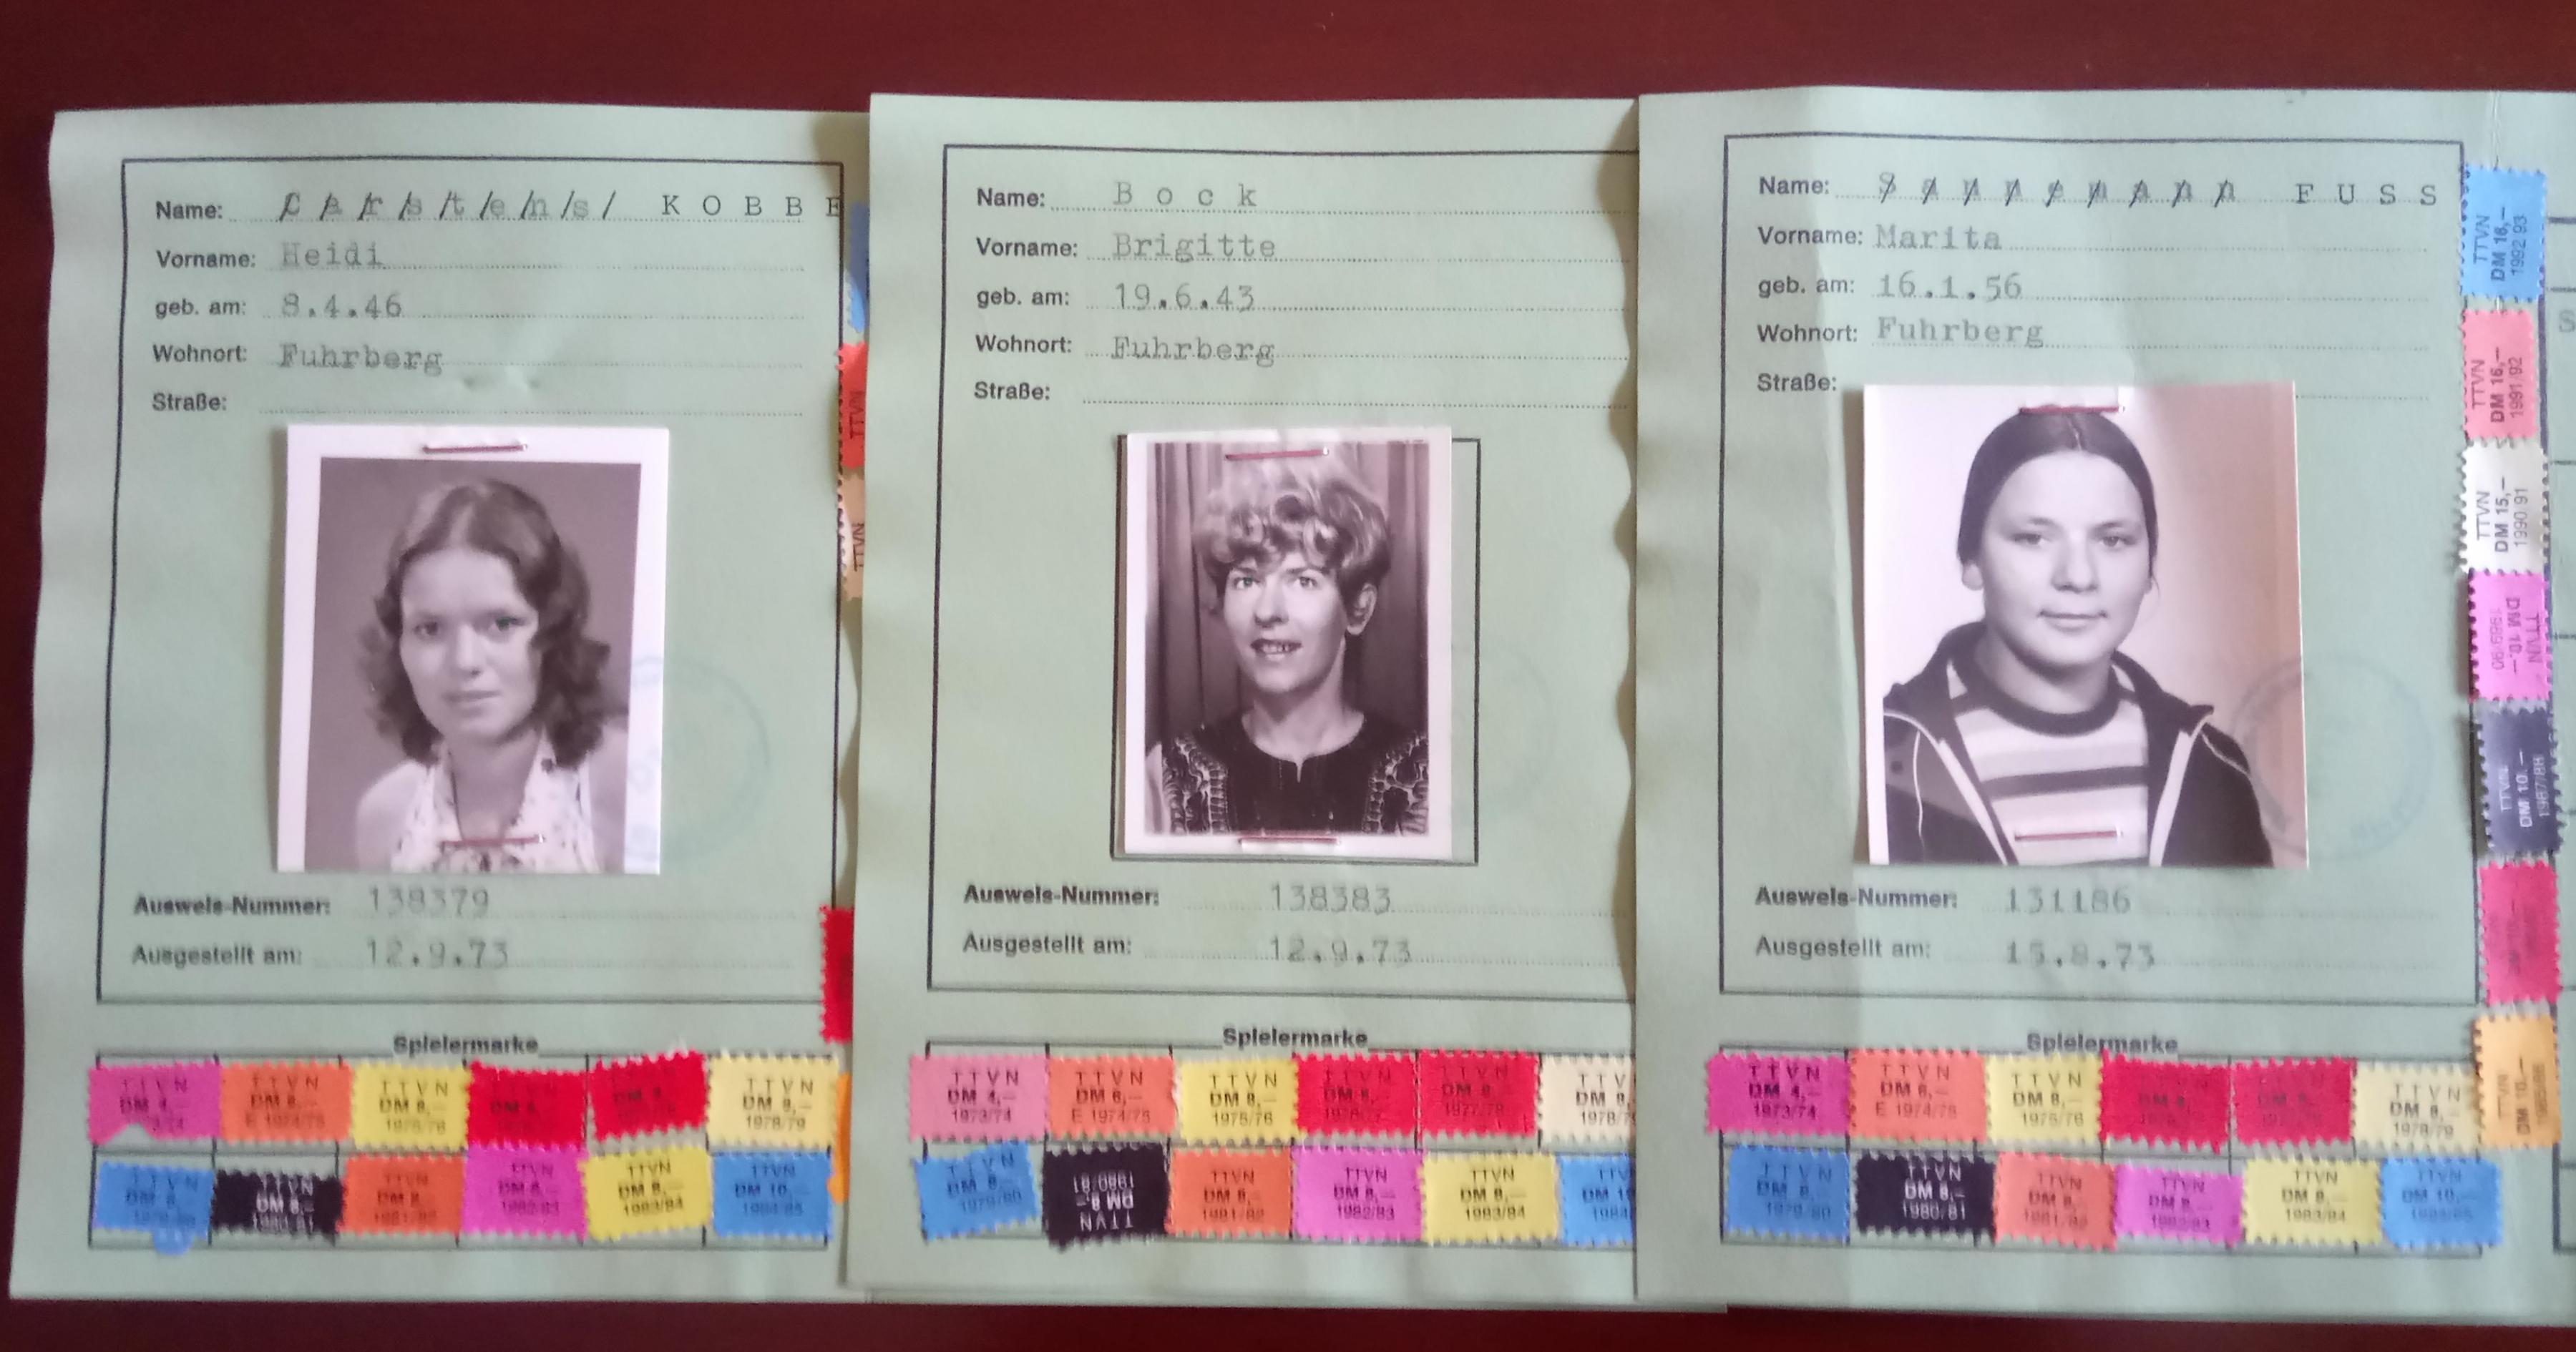 Spielerpässe, von links: Heidi Kobbe, Brigitte Bock und Marita Fuß